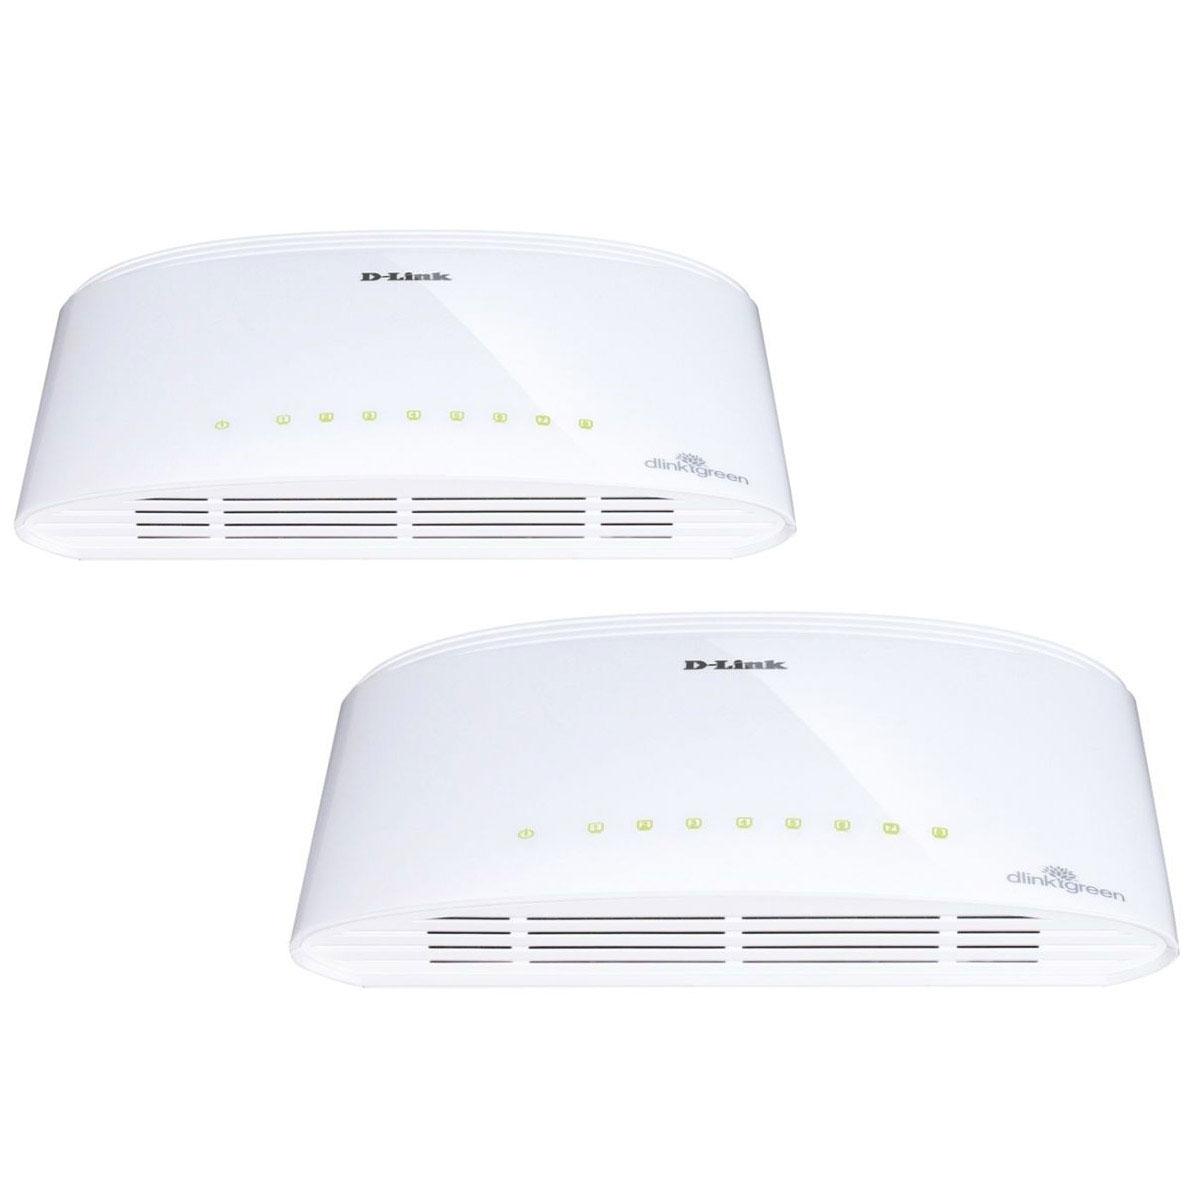 Switch D-Link DGS-1008D x2 Switch Gigabit 8 ports 10/100/1000Mbps - Pack de 2